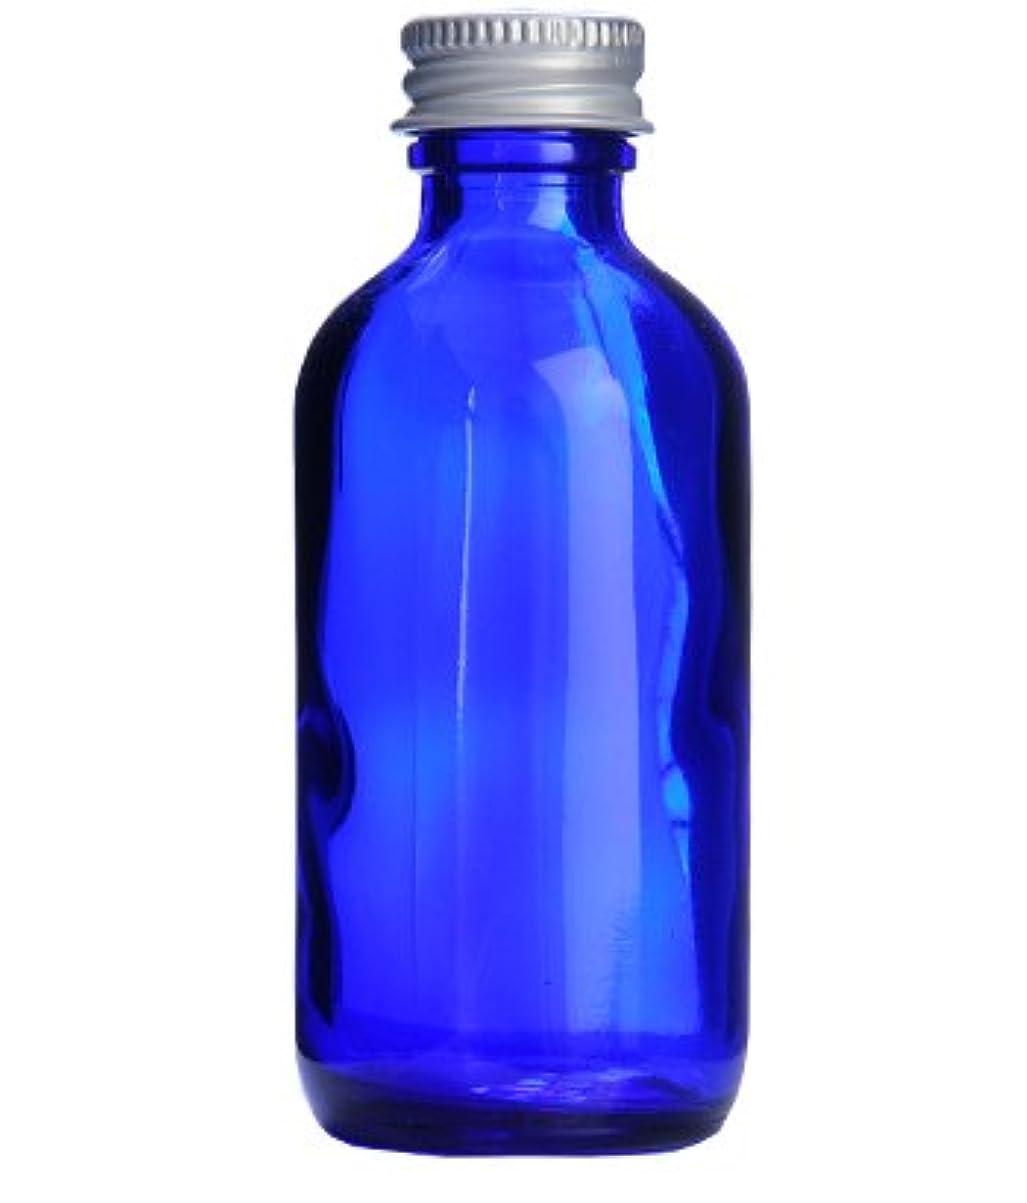 クライマックス検出可能ありがたいコバルトガラスボトル?アルミキャップ[60ml]/1個